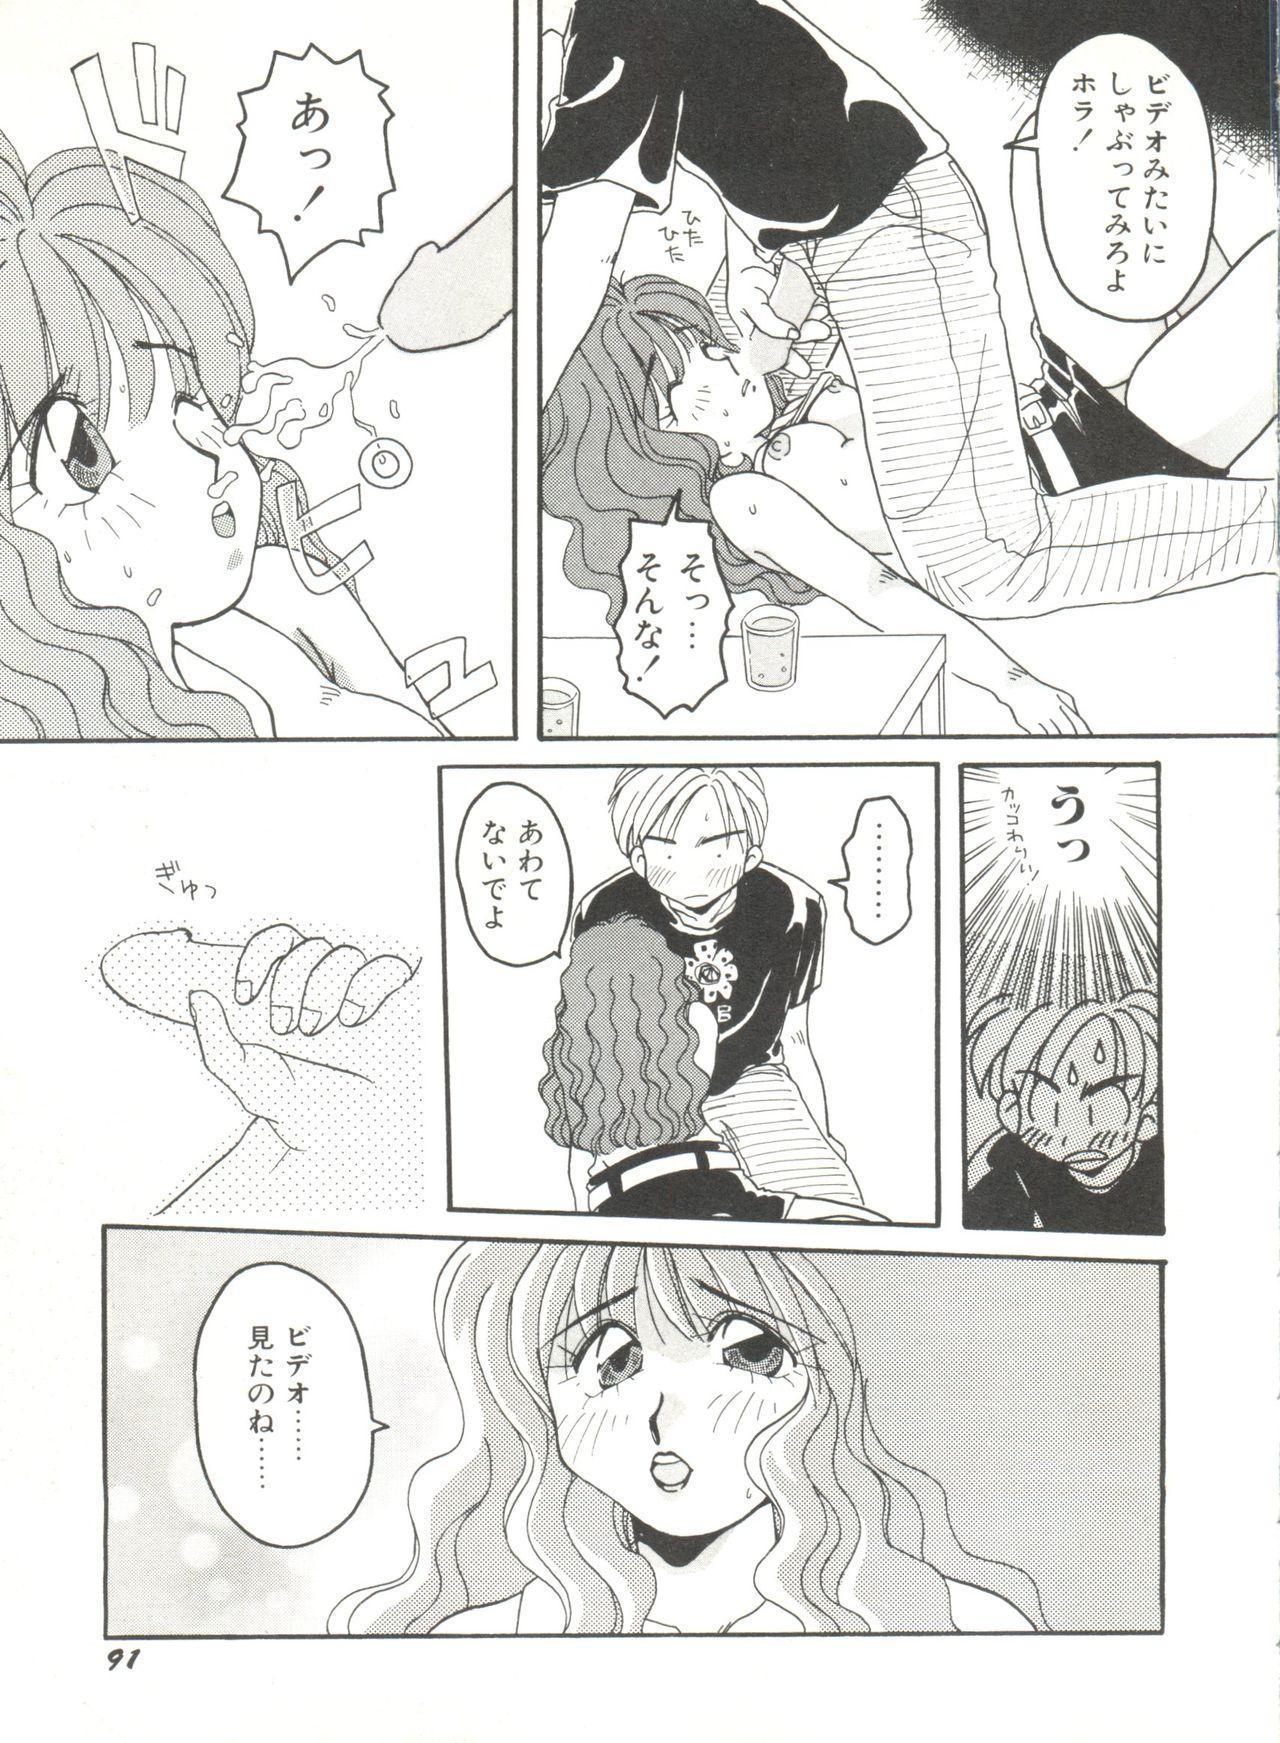 Bishoujo Doujinshi Anthology 6 94